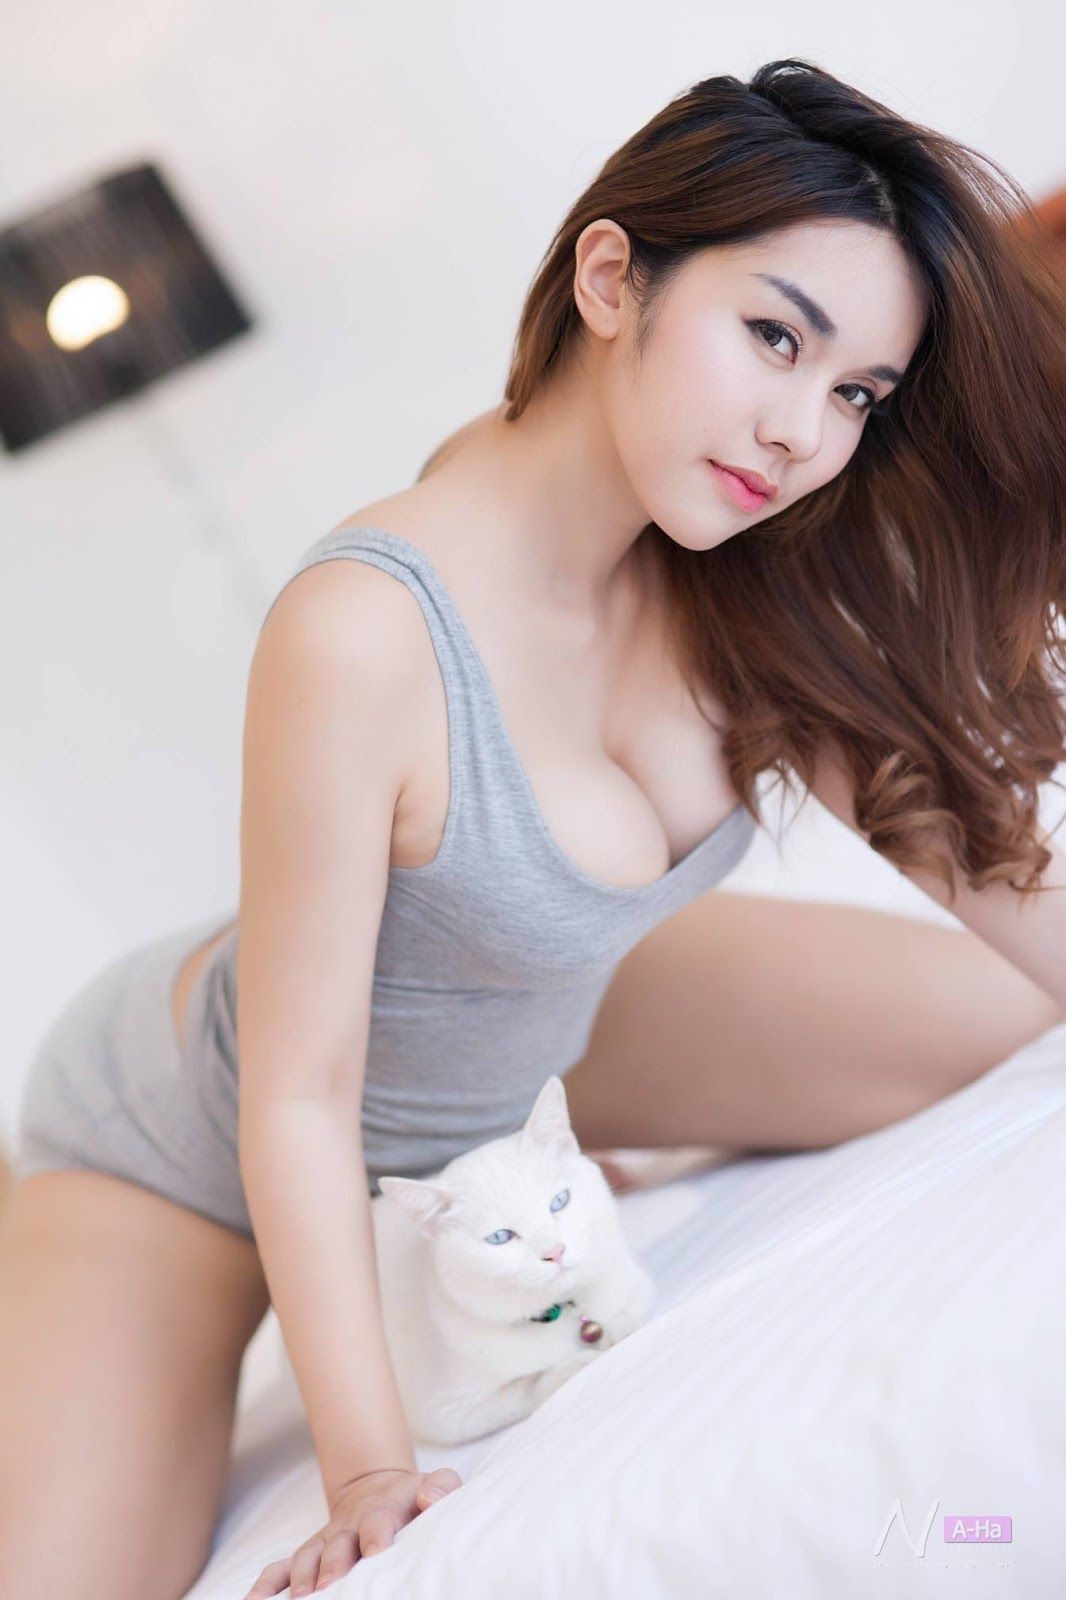 fitness model girl naked